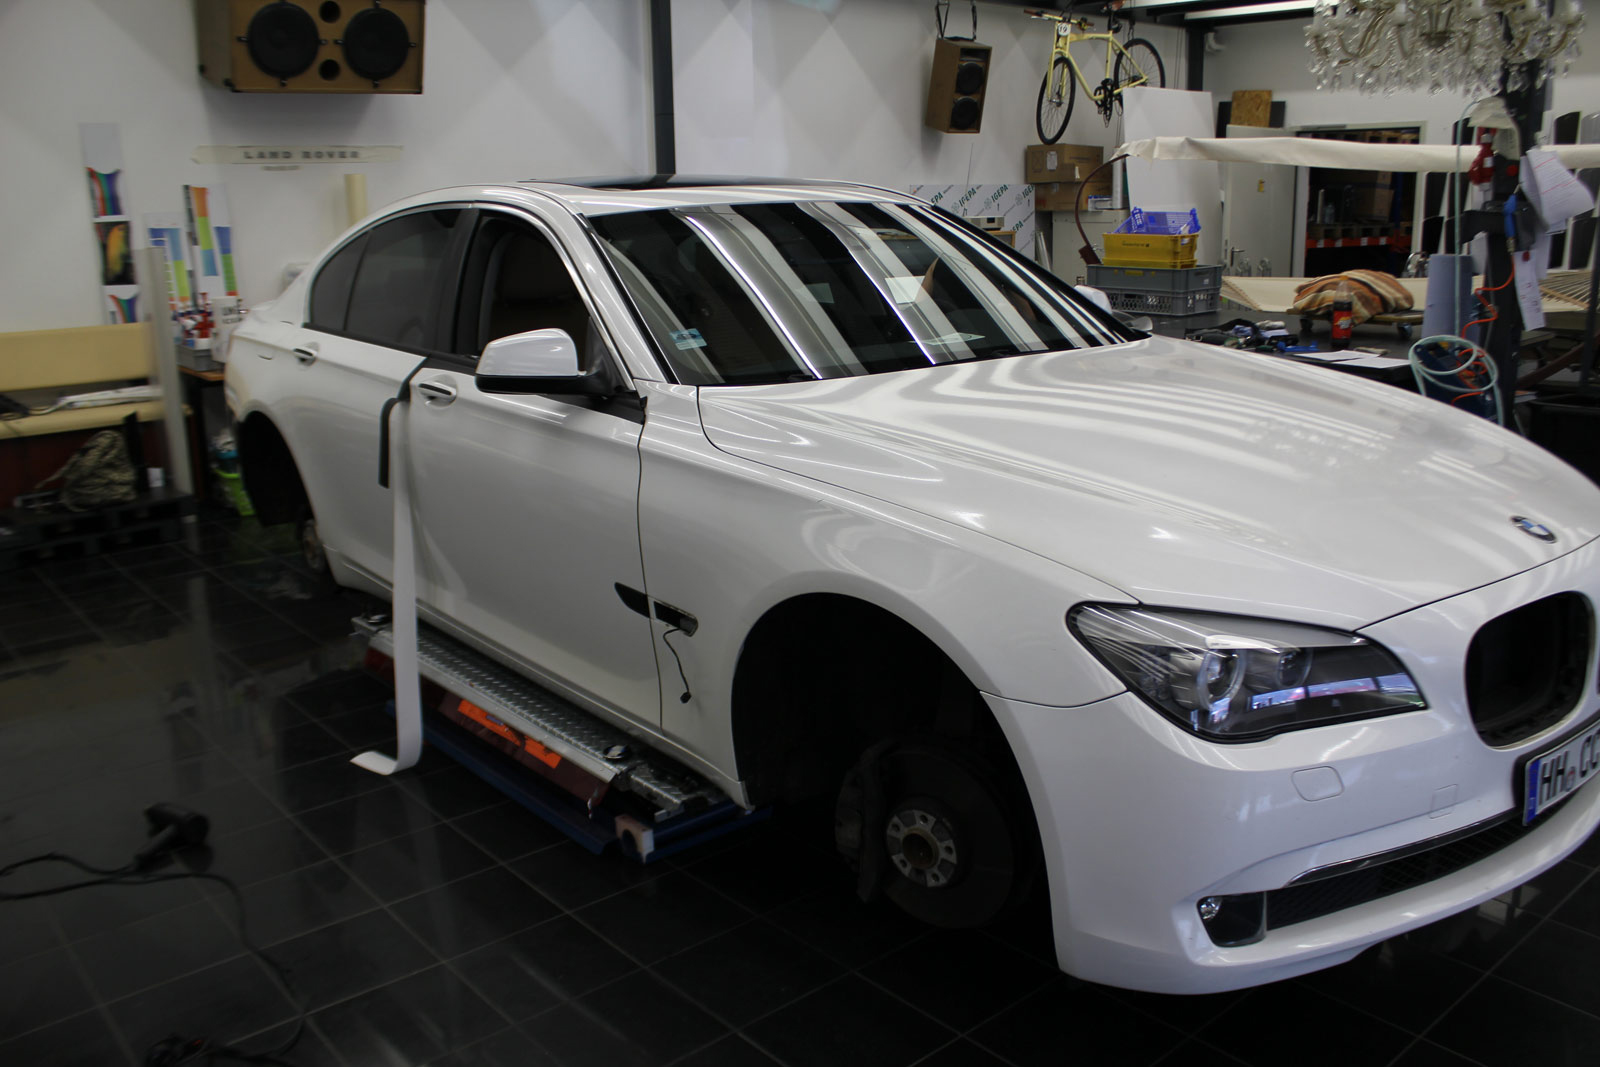 BMW_7er_WEISS_GLANZ_FELGEN_FOLIERUNG_SCHWARZ_MATT_26